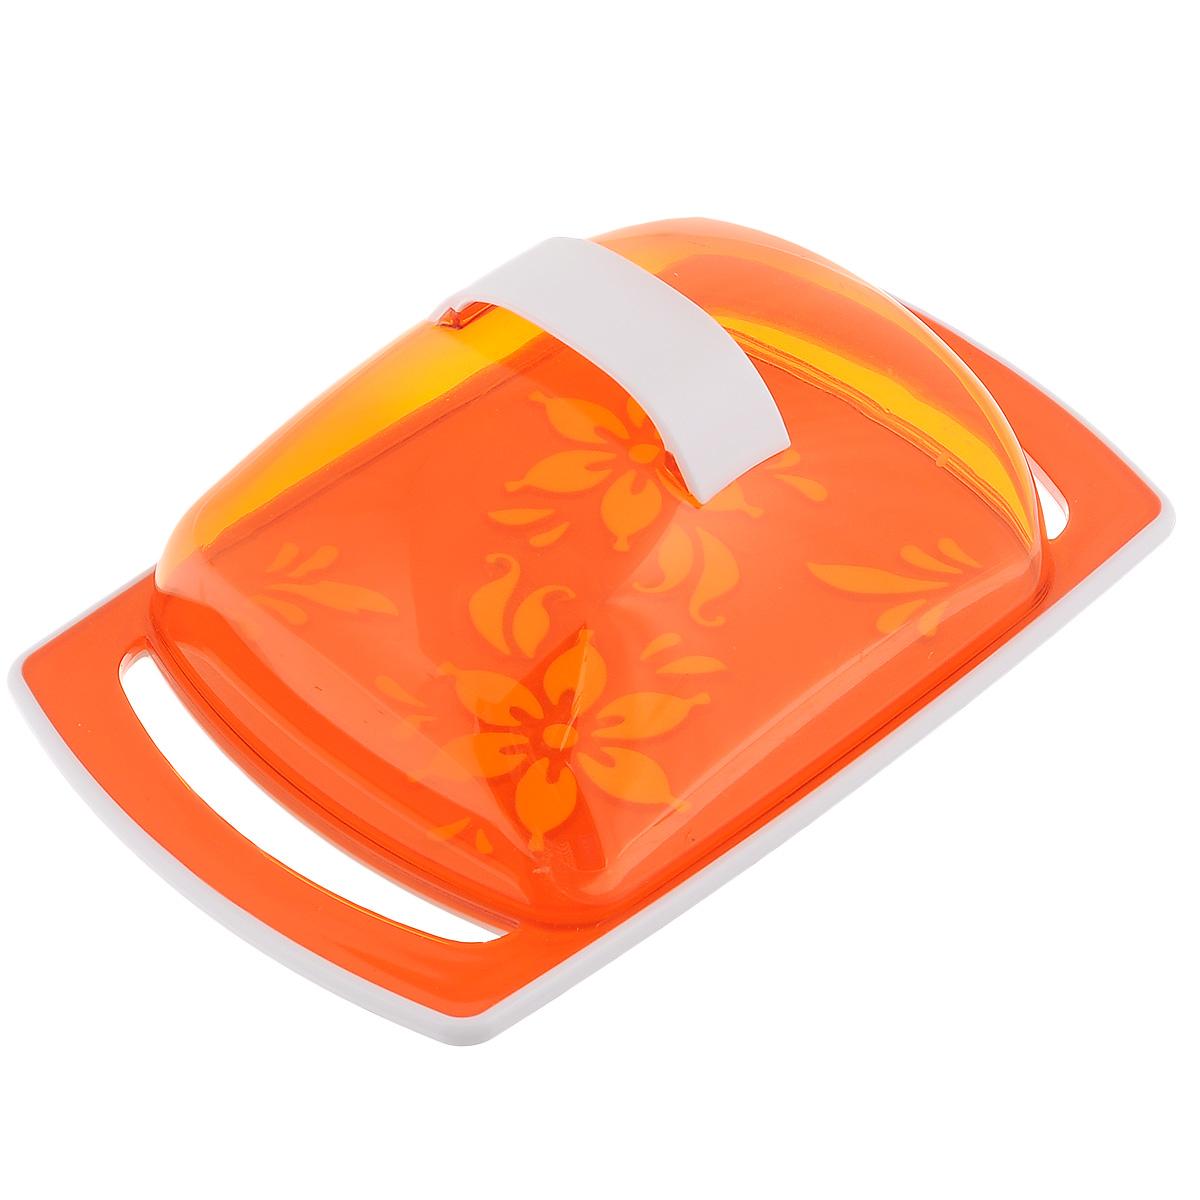 Масленка Альтернатива Премьера, цвет: оранжевый115510Масленка Альтернатива Премьера идеально подходит для хранения масла и сервировки стола. Масленка состоит из подноса, выполненного из пластика, и прозрачной пластиковой крышки с ручкой. Благодаря специальным выемкам крышка плотно устанавливается на поднос. Поднос масленки украшен яркими цветами.Масло в такой масленке долго остается свежим, а при хранении в холодильнике не впитывает посторонние запахи. Рекомендации по использованию: - Не используйте для чистки абразивные моющие средства. - Берегите крышку от нагревания. - Хранить вдали от источников тепла. - При отрезании масла избегайте сильных воздействий на основание масленки во избежание ее повреждения.Размер масленки: 18 см х 11,5 см х 5,5 см.